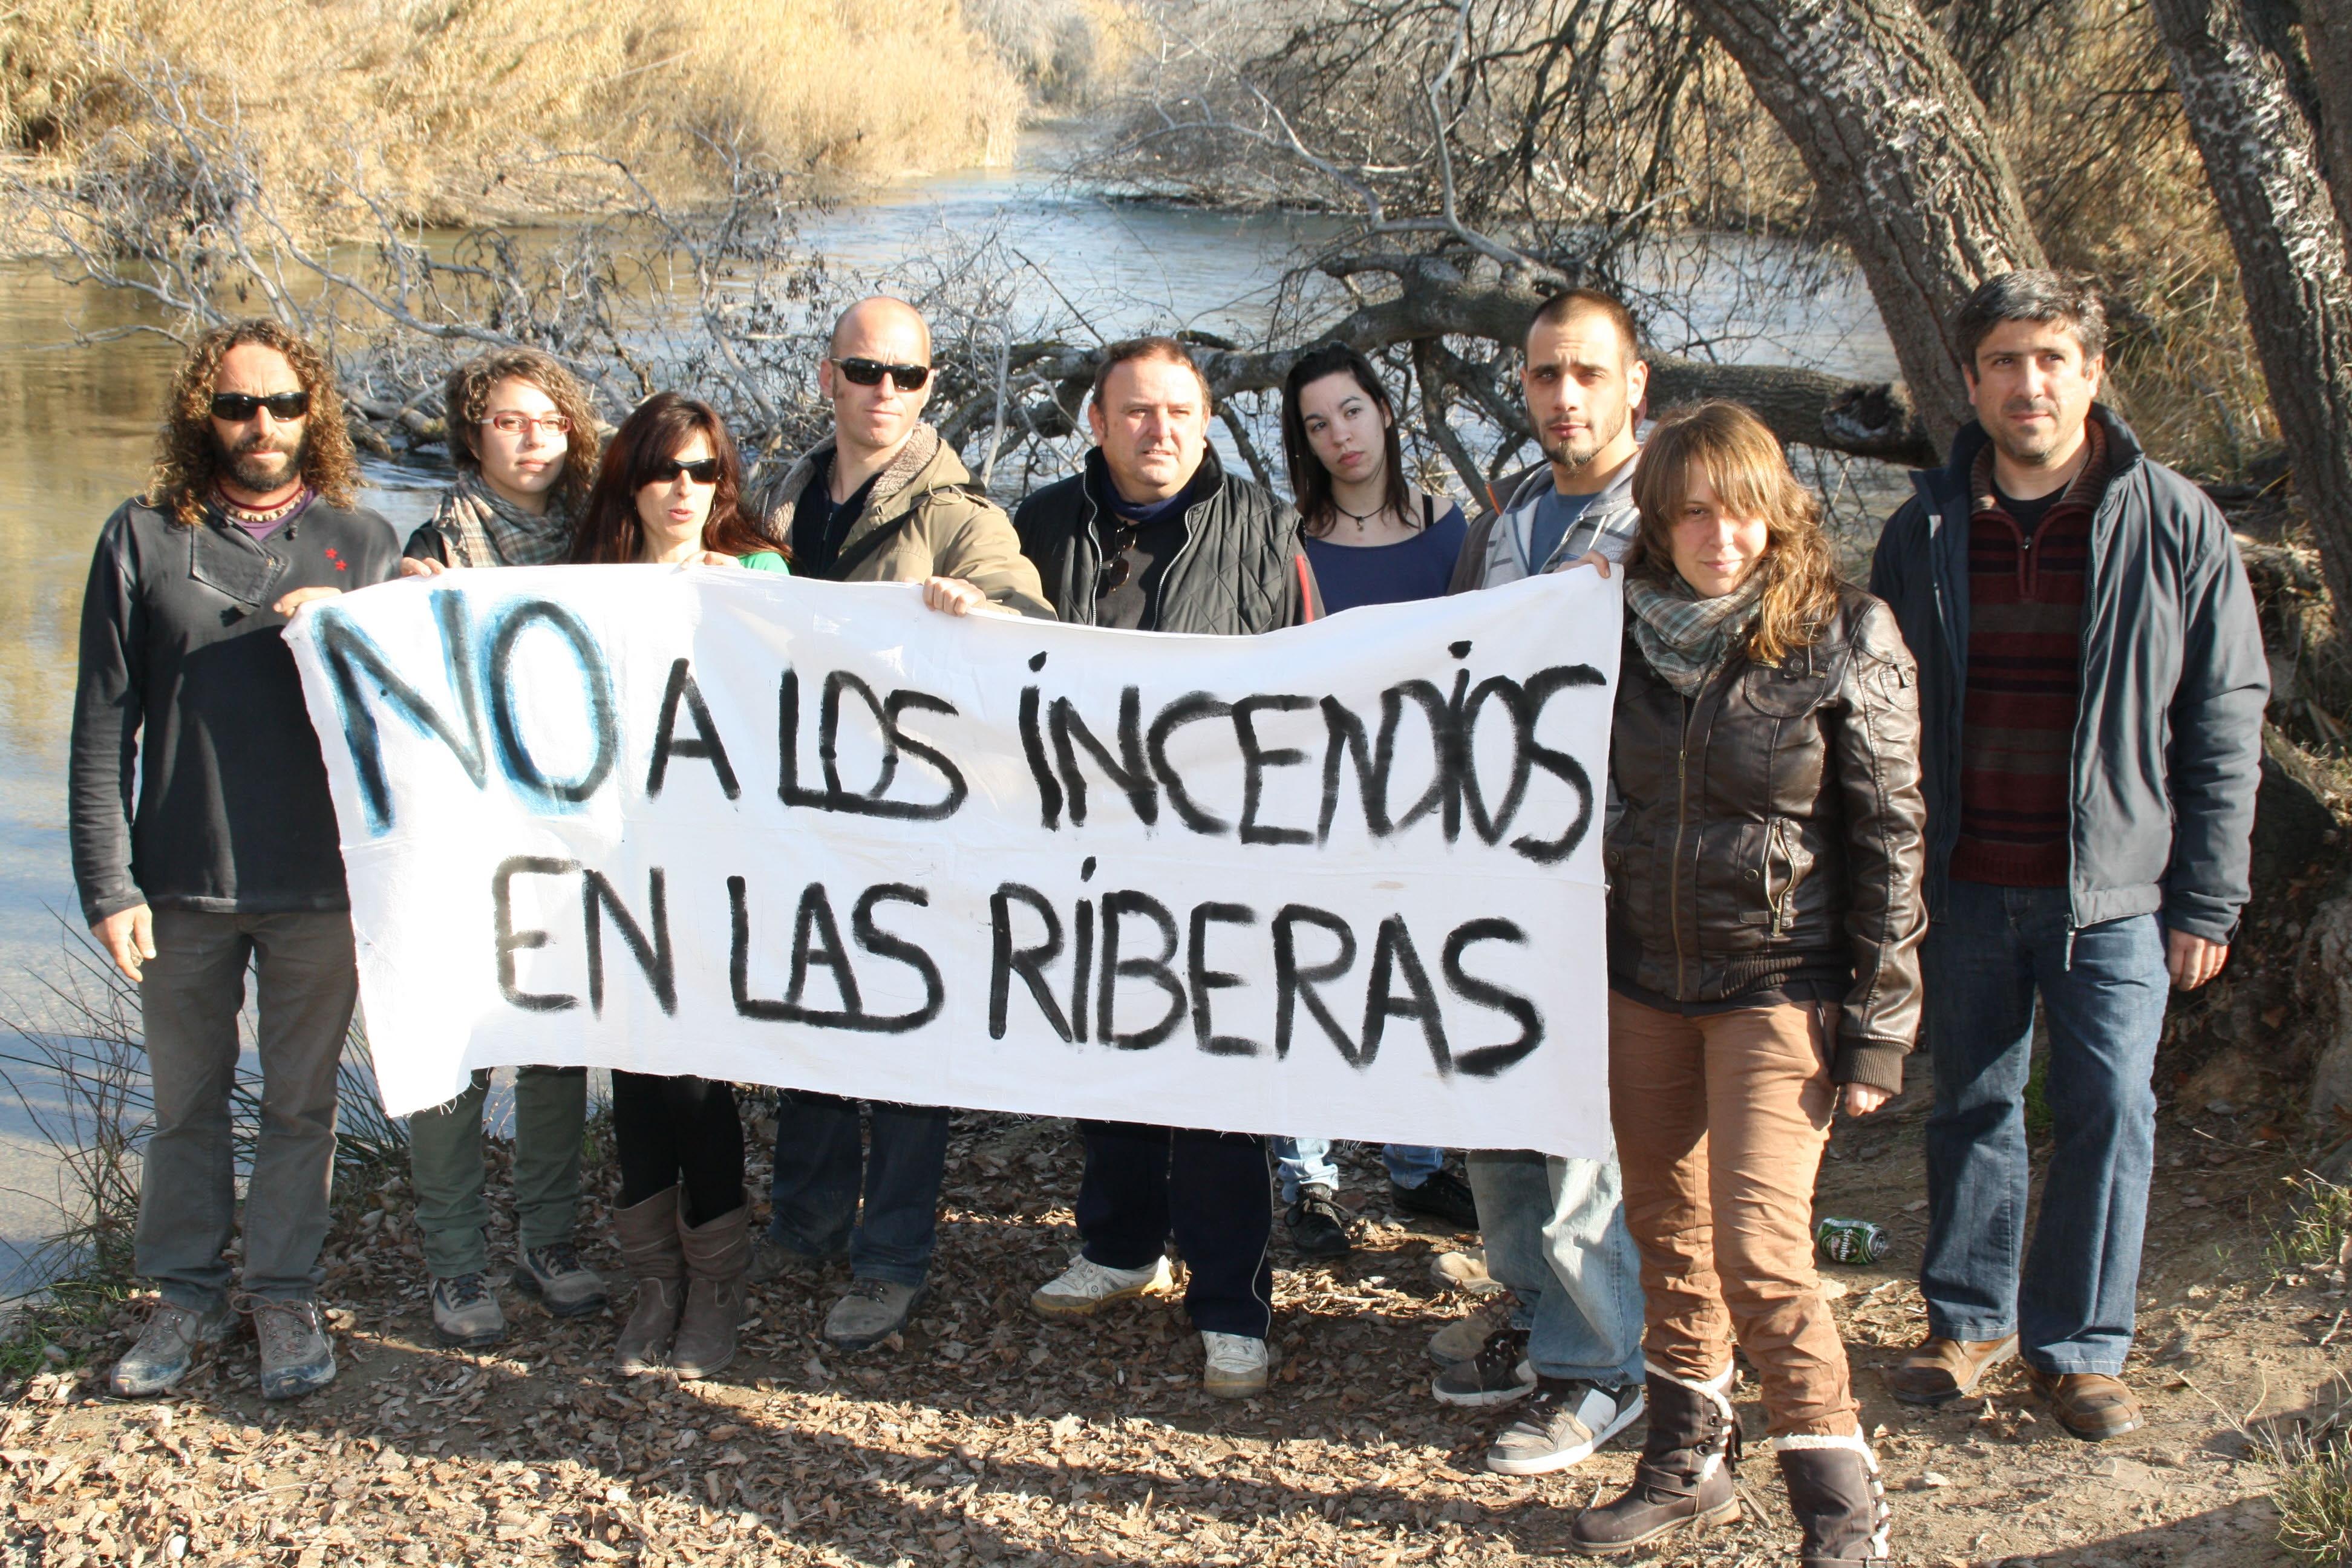 Protesta contra la quema de cañas junto al Segura